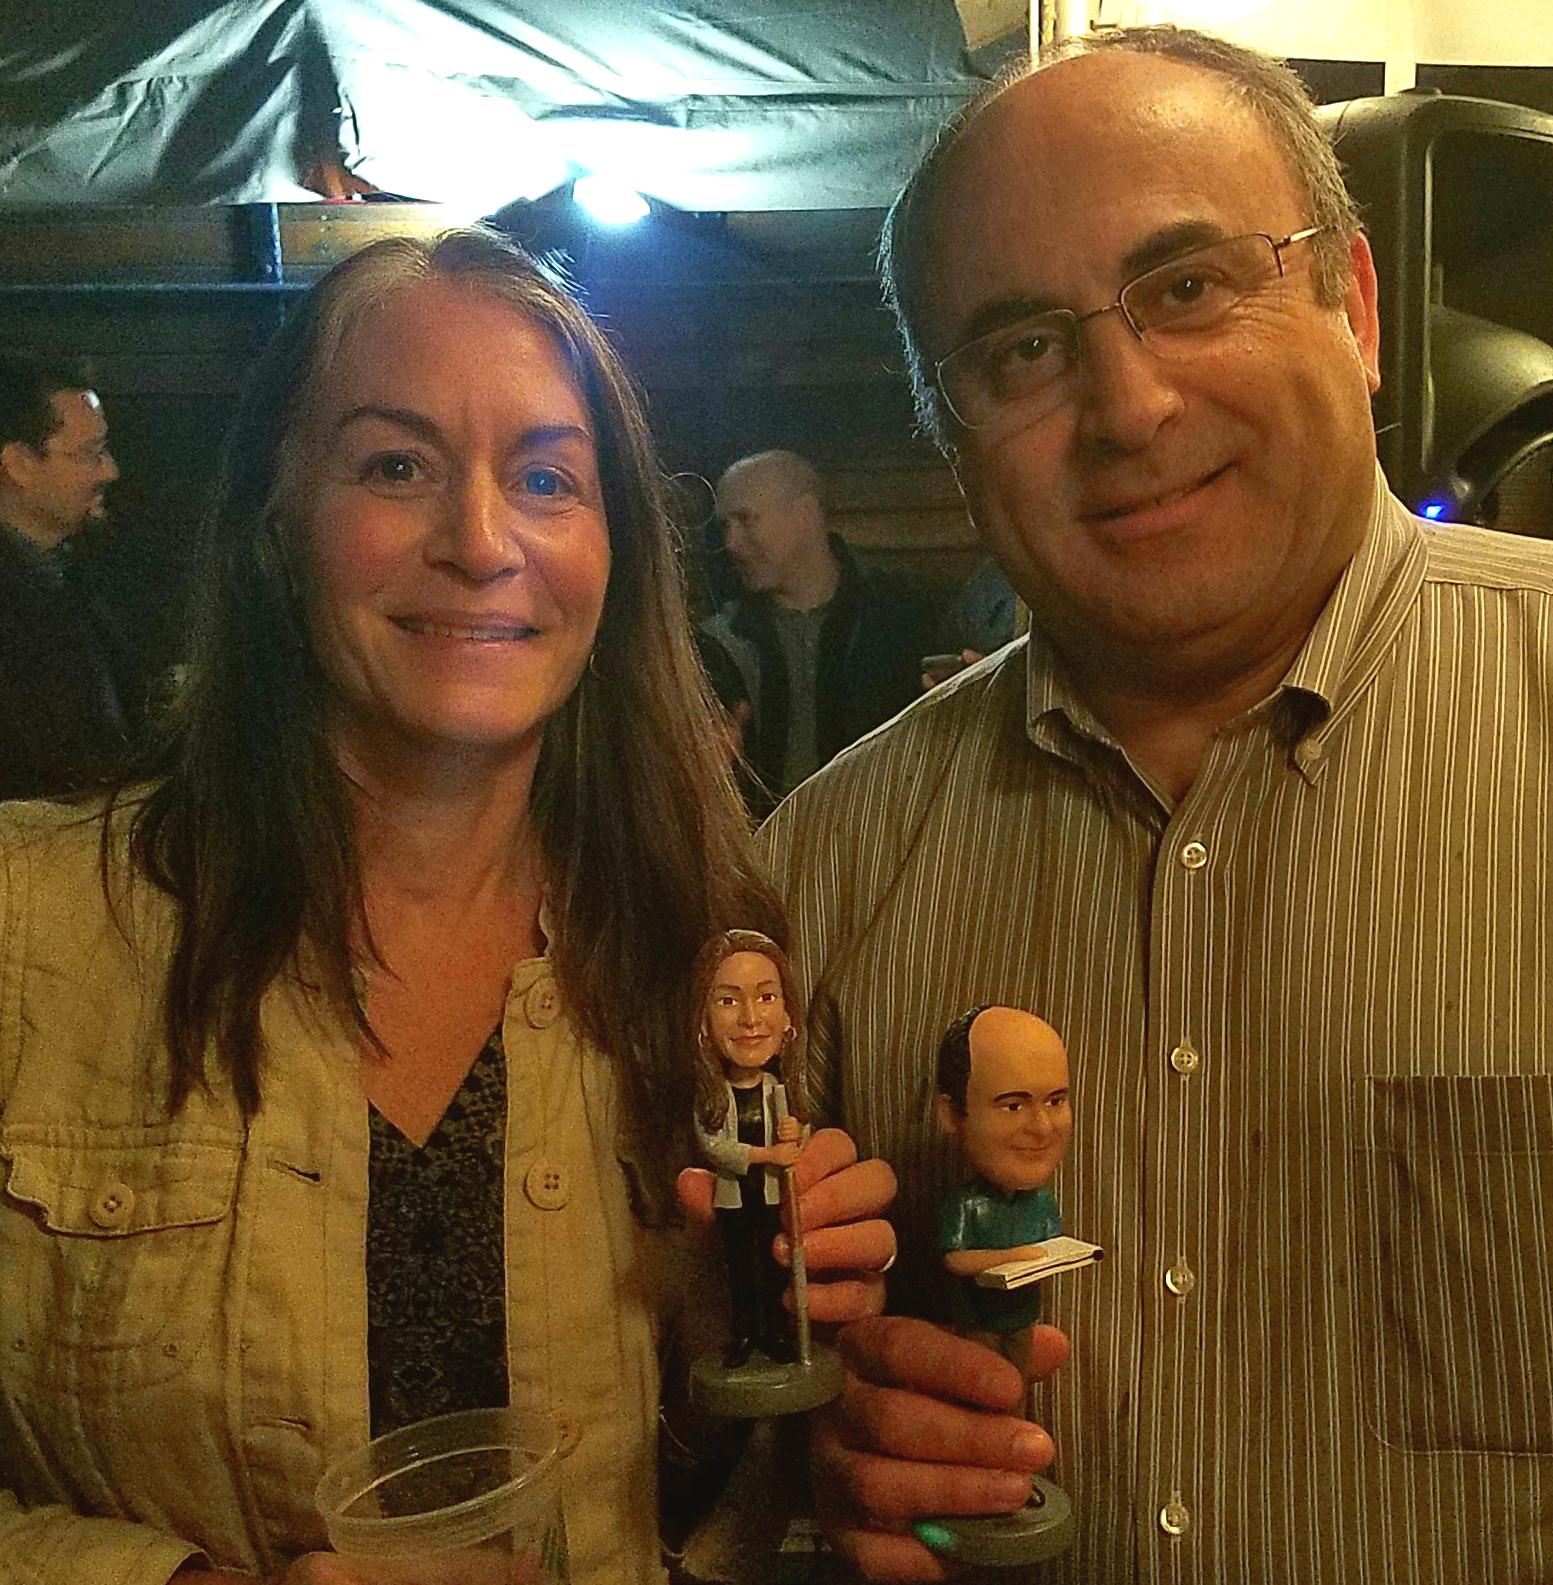 Melinda Friedman and Issam Najm